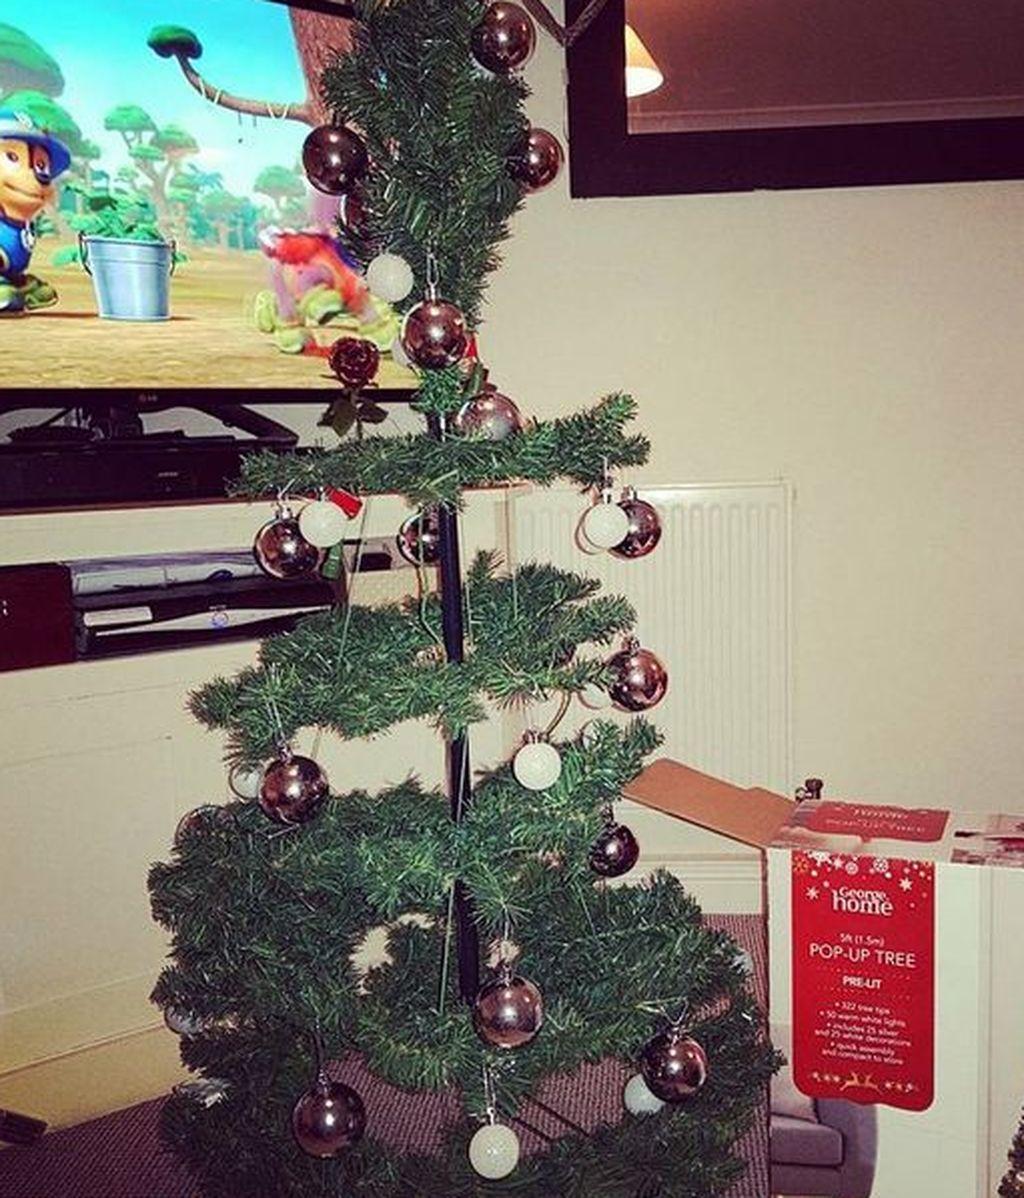 El árbol de Navidad que compró la familia de Chloe